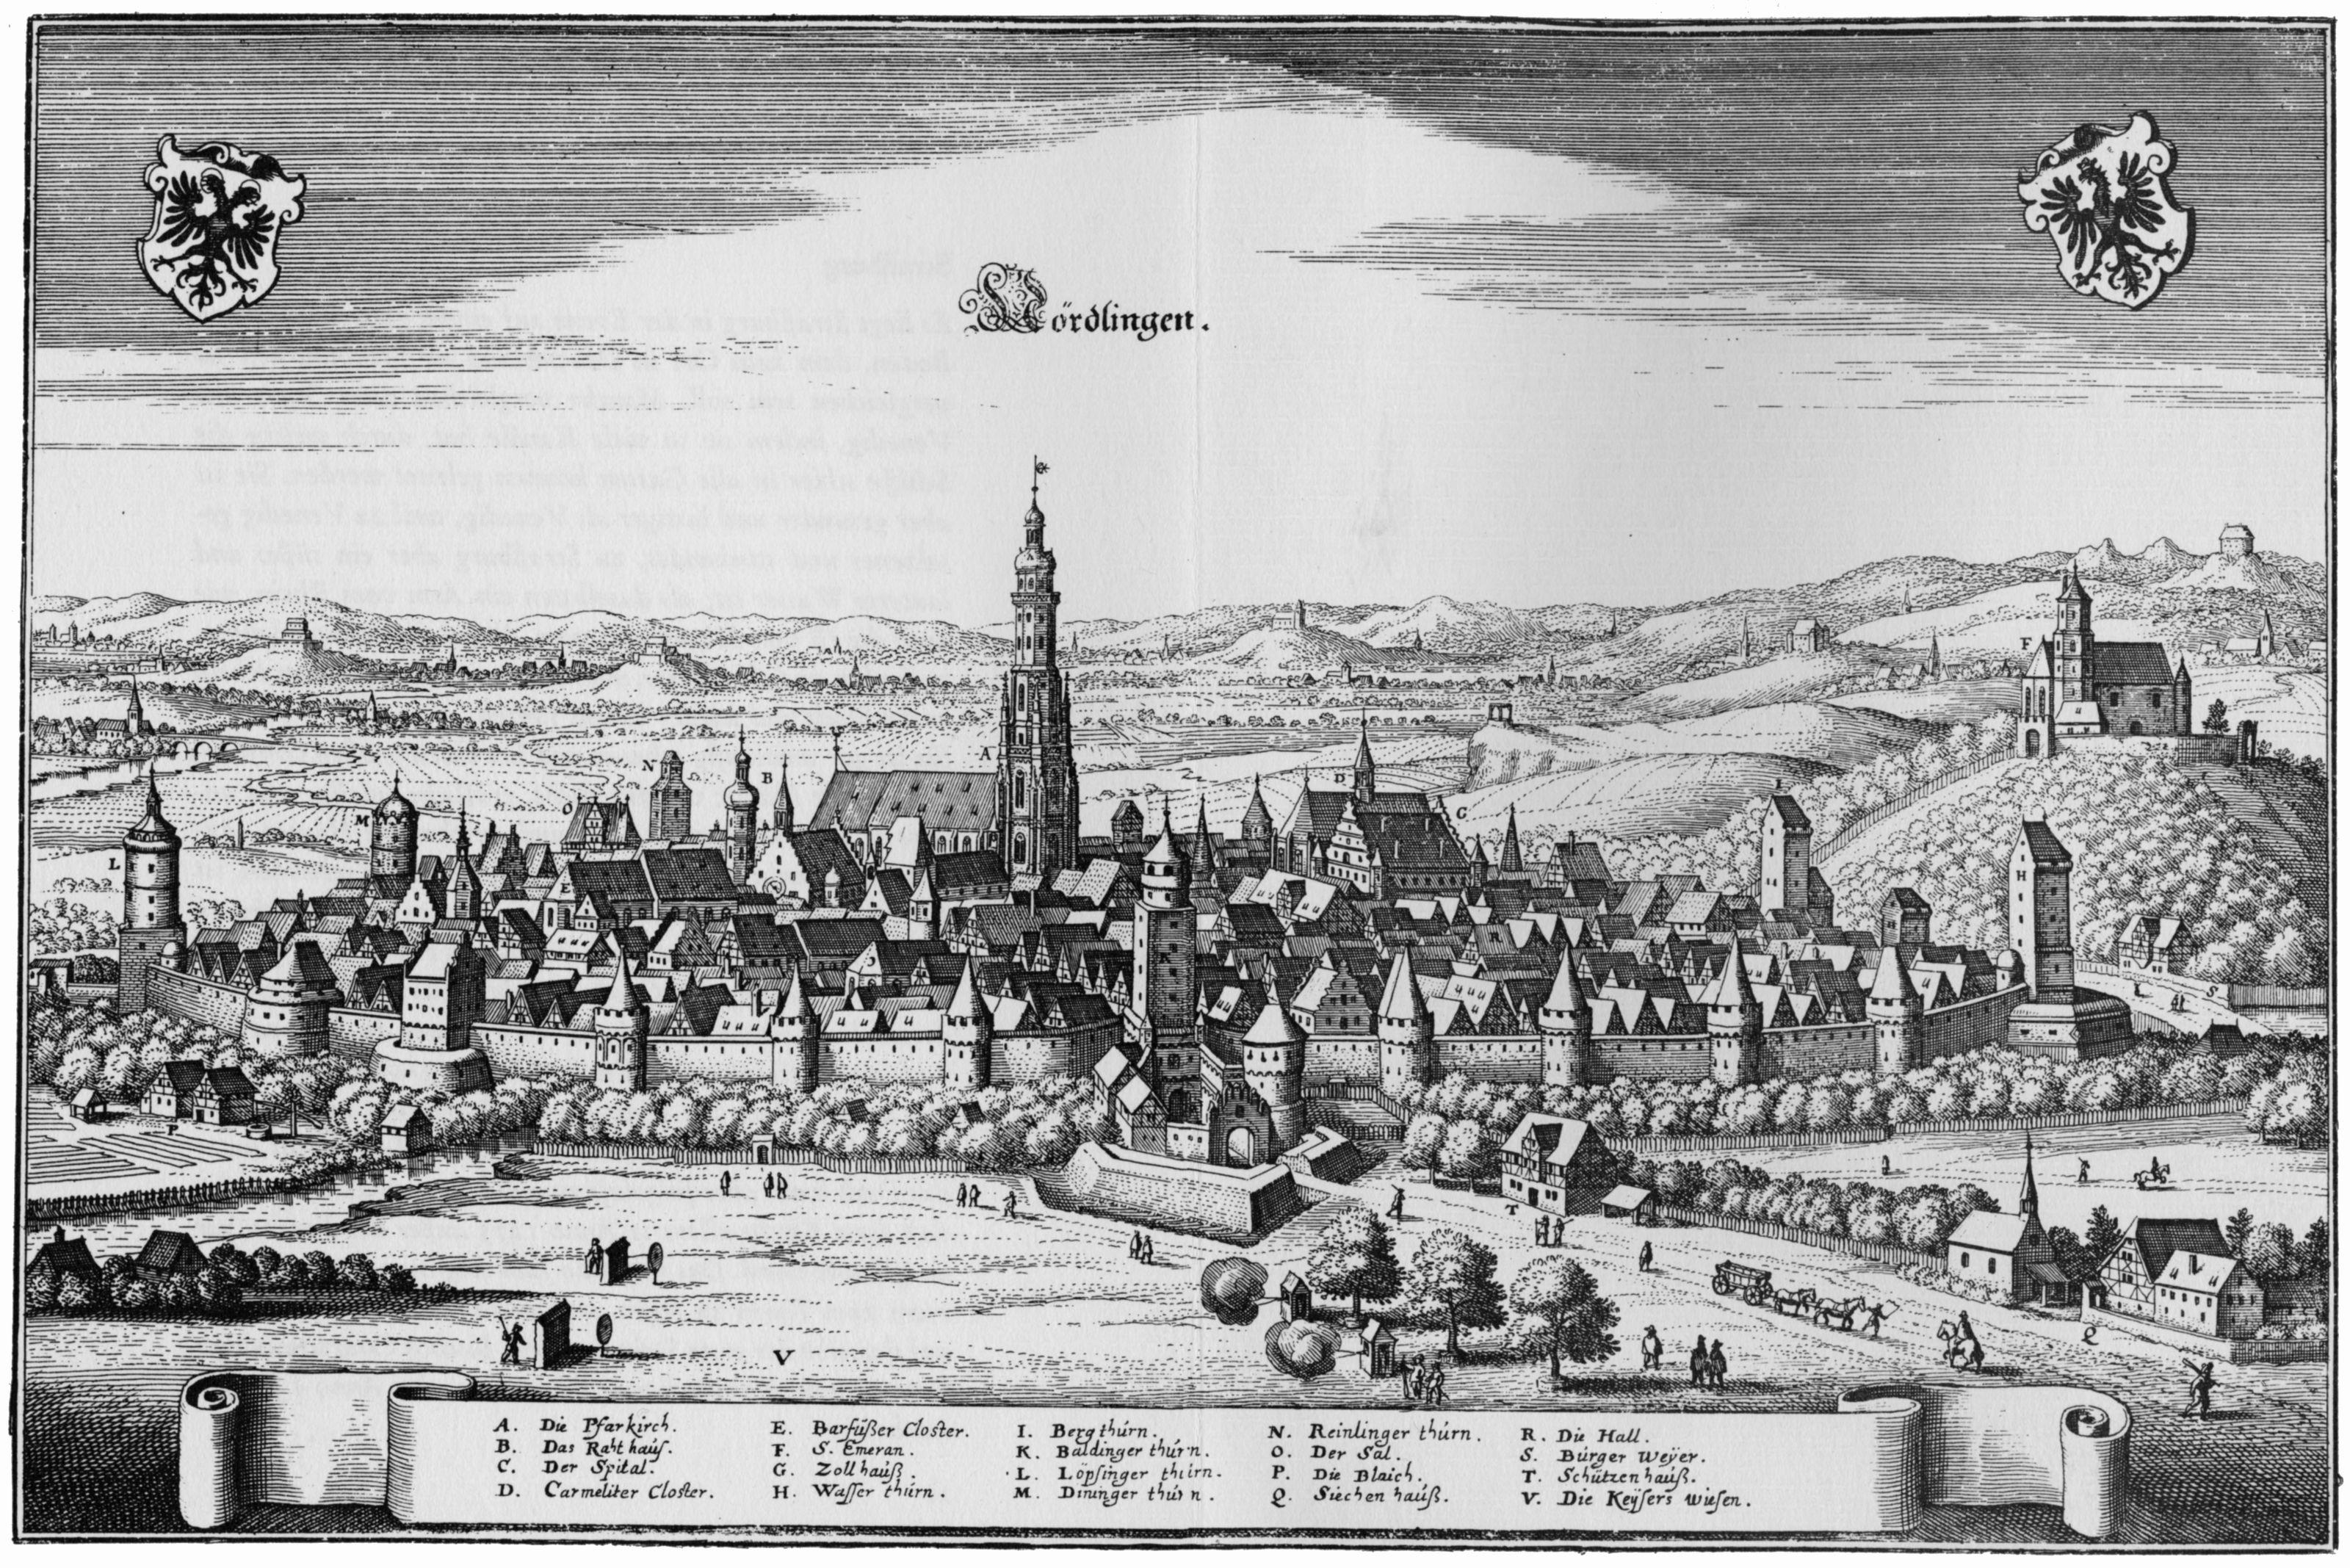 File:Noerdlingen-1643-Merian.jpg